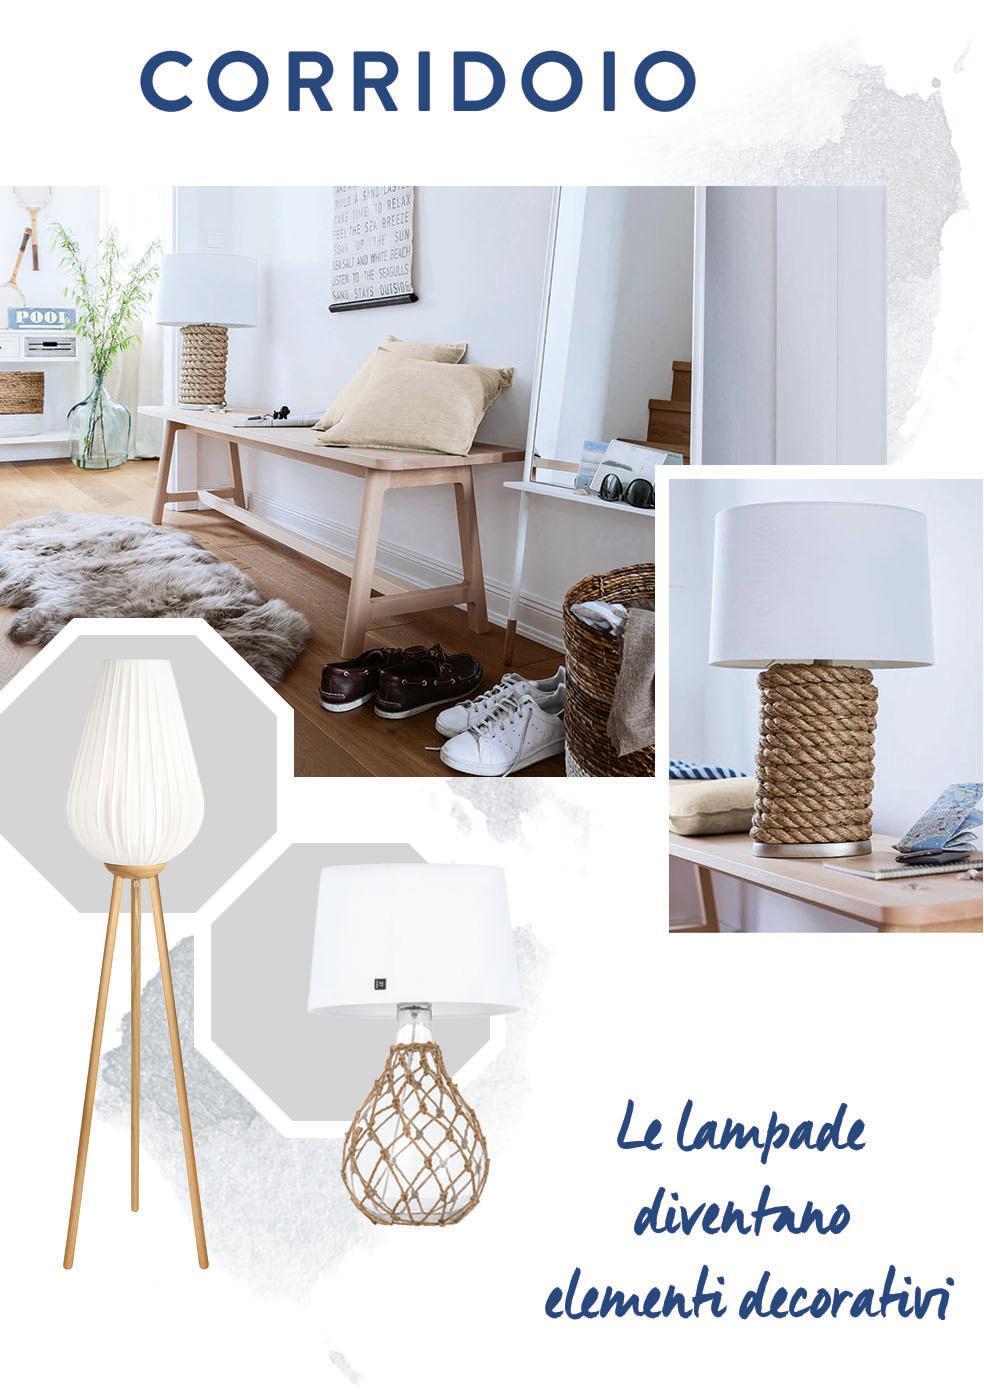 Dalani, Lampada, Casa, Decorazioni, Idee, Arte, Stile